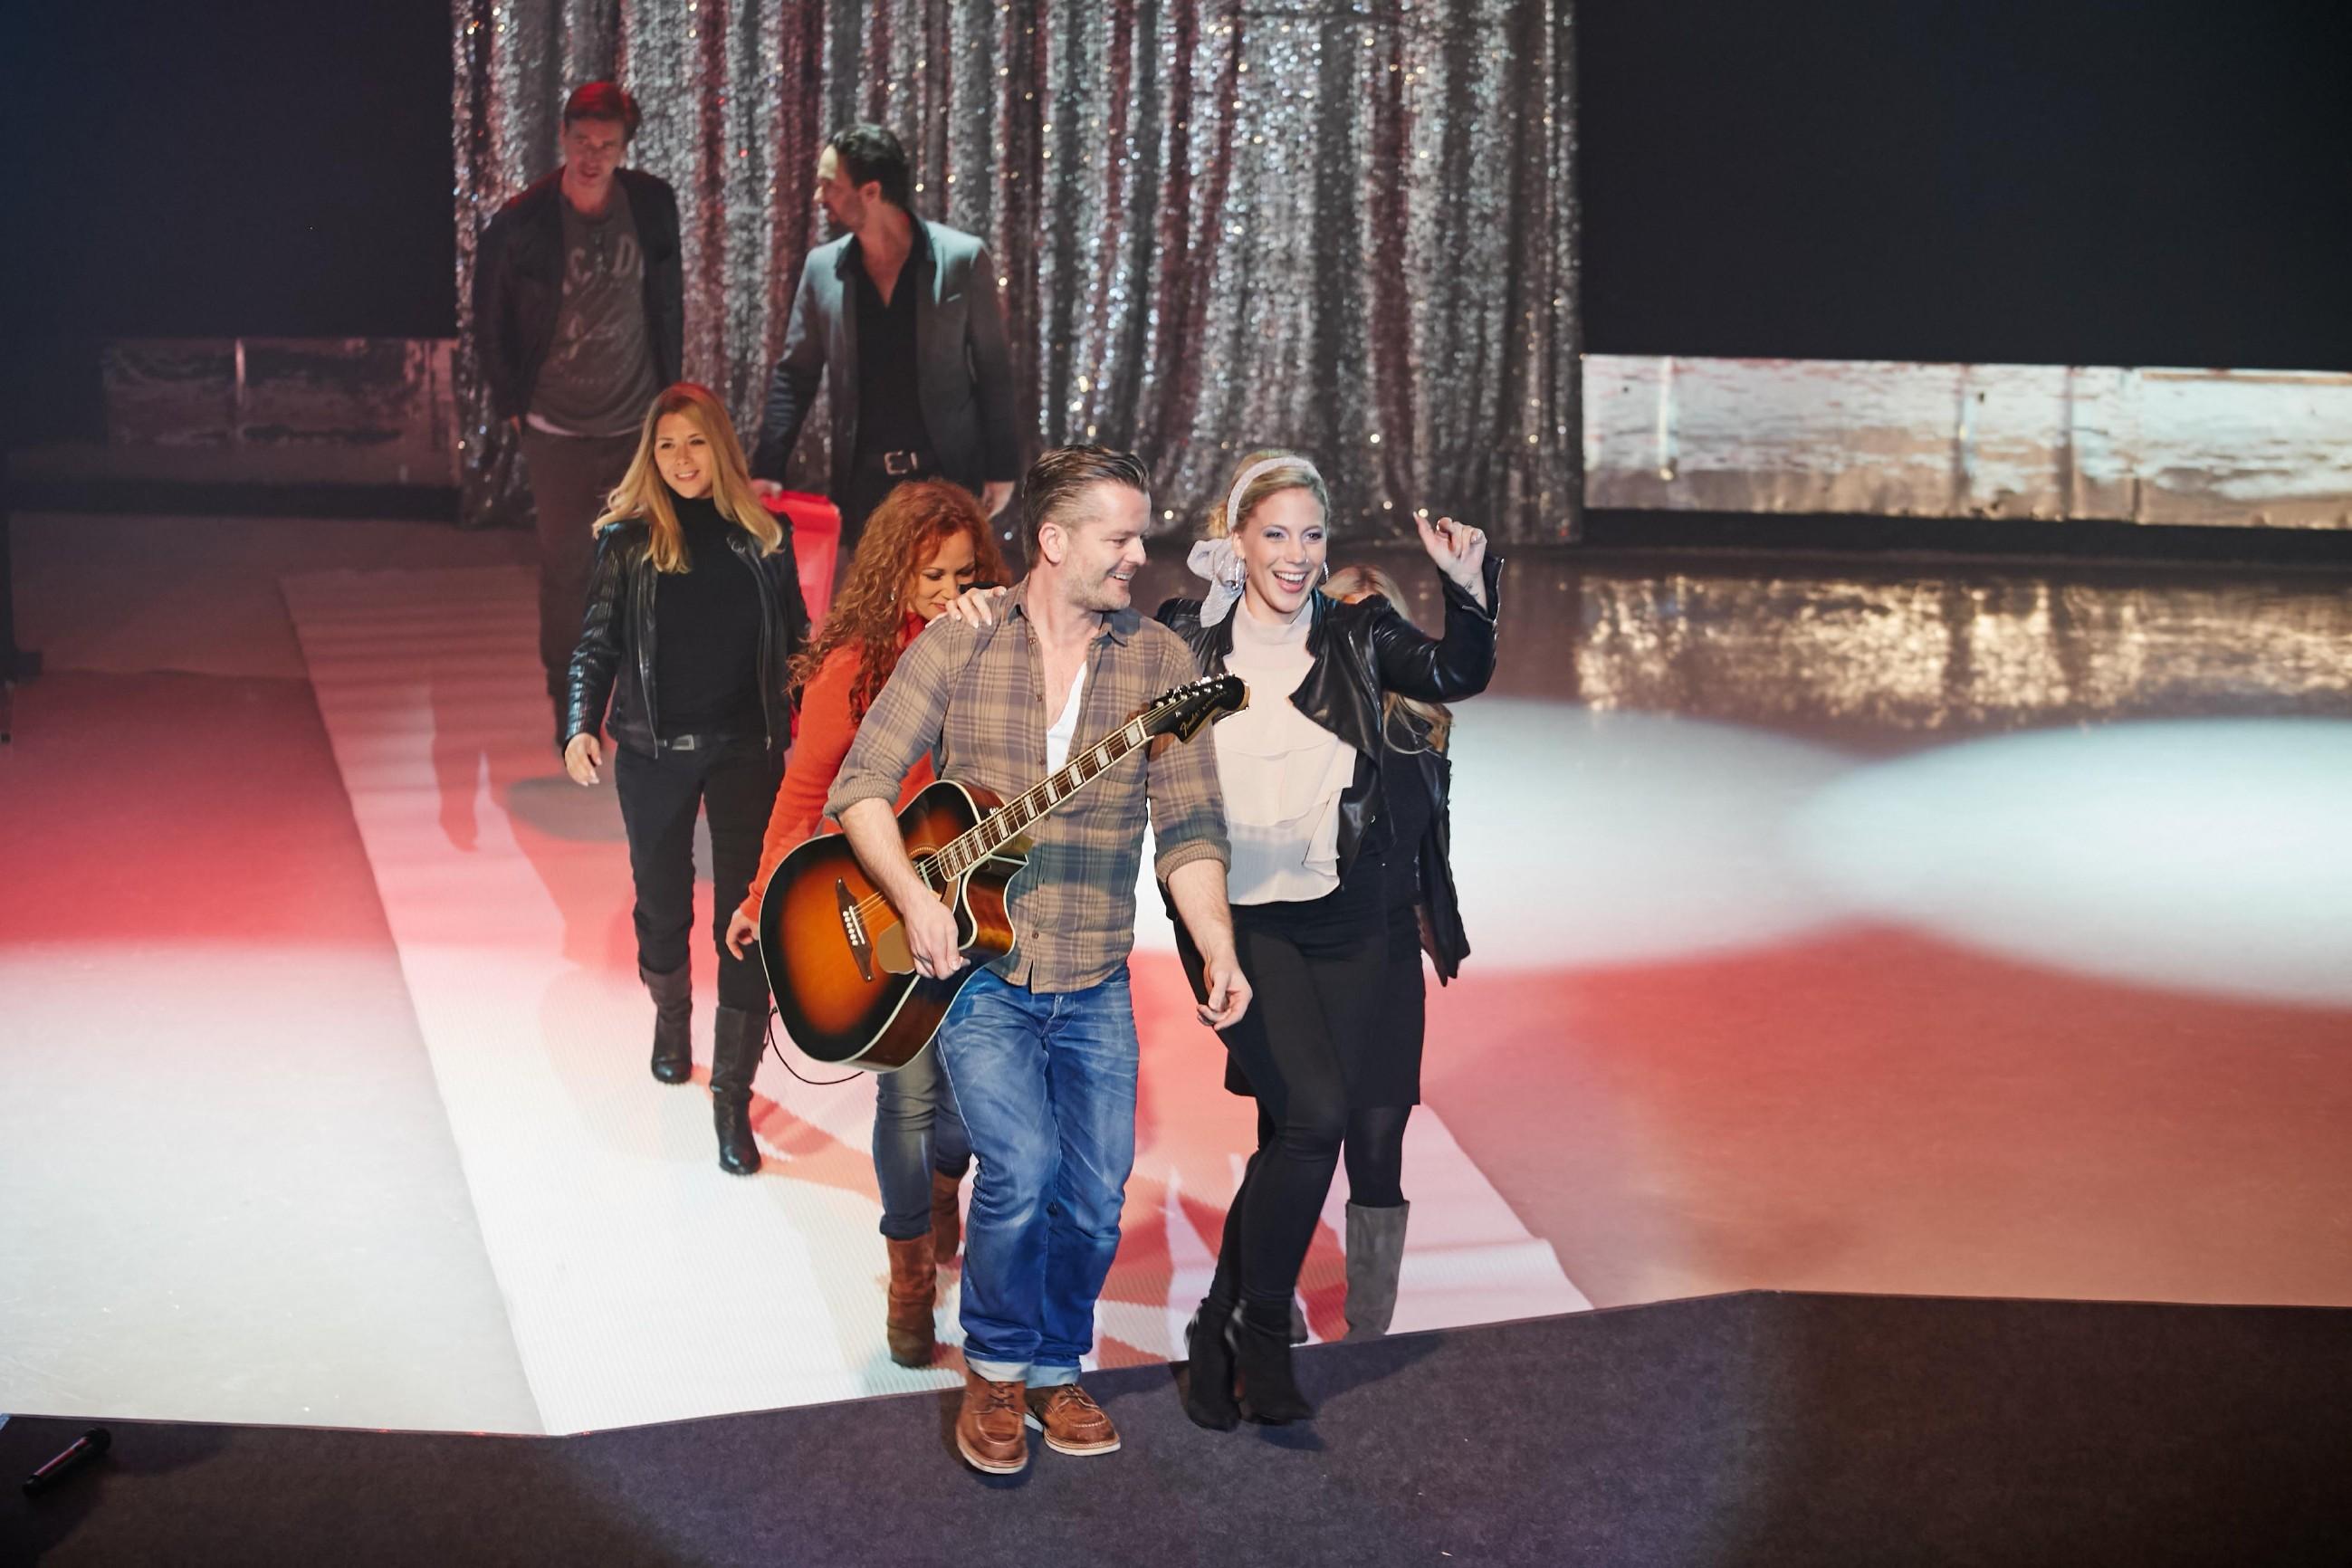 André Dietz (vorne l.) packte die Gitarre aus und ging in spontaner Begleitung seiner Schauspiel-Kollegen und Kolleginnen (v.l.) Lars Korten, Tanja Szewczenko, Madlen Kaniuth, Daniel Brockhaus, Christina Klein und Juliette Greco (verdeckt) auf die Bühne.